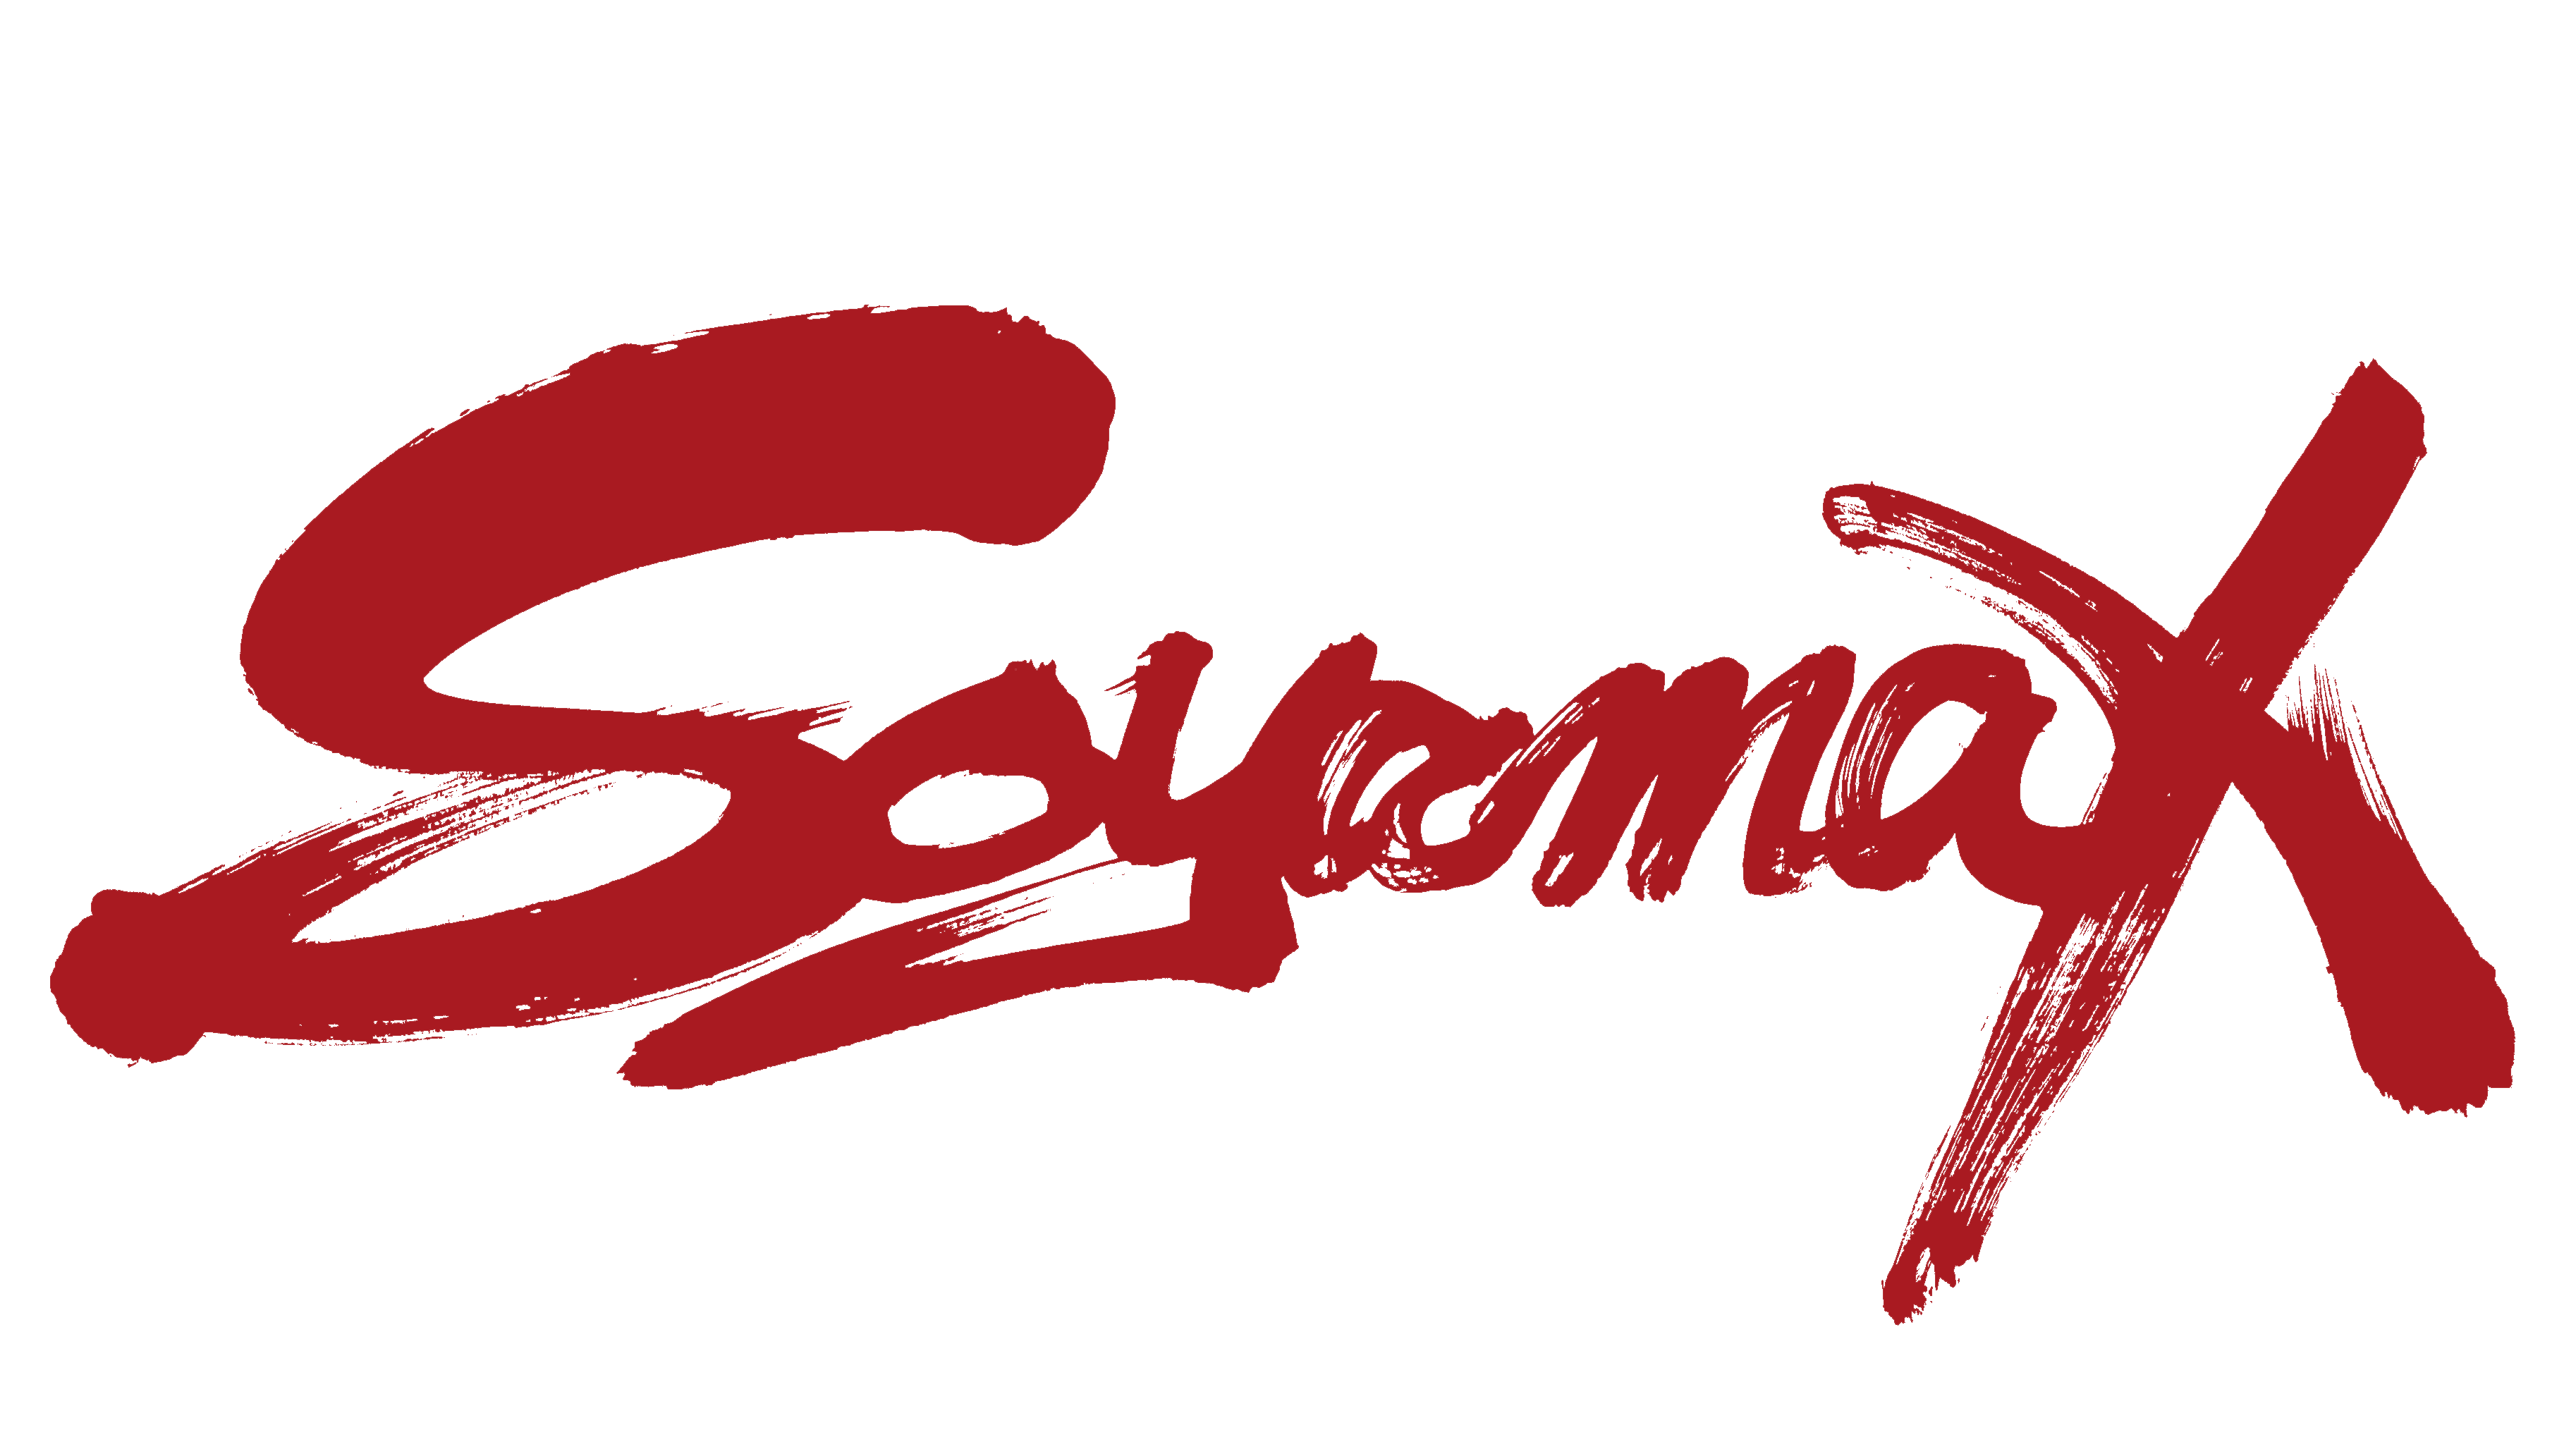 世界を渡り絆と縁を魂の書で表現する縁筆書家soyamax